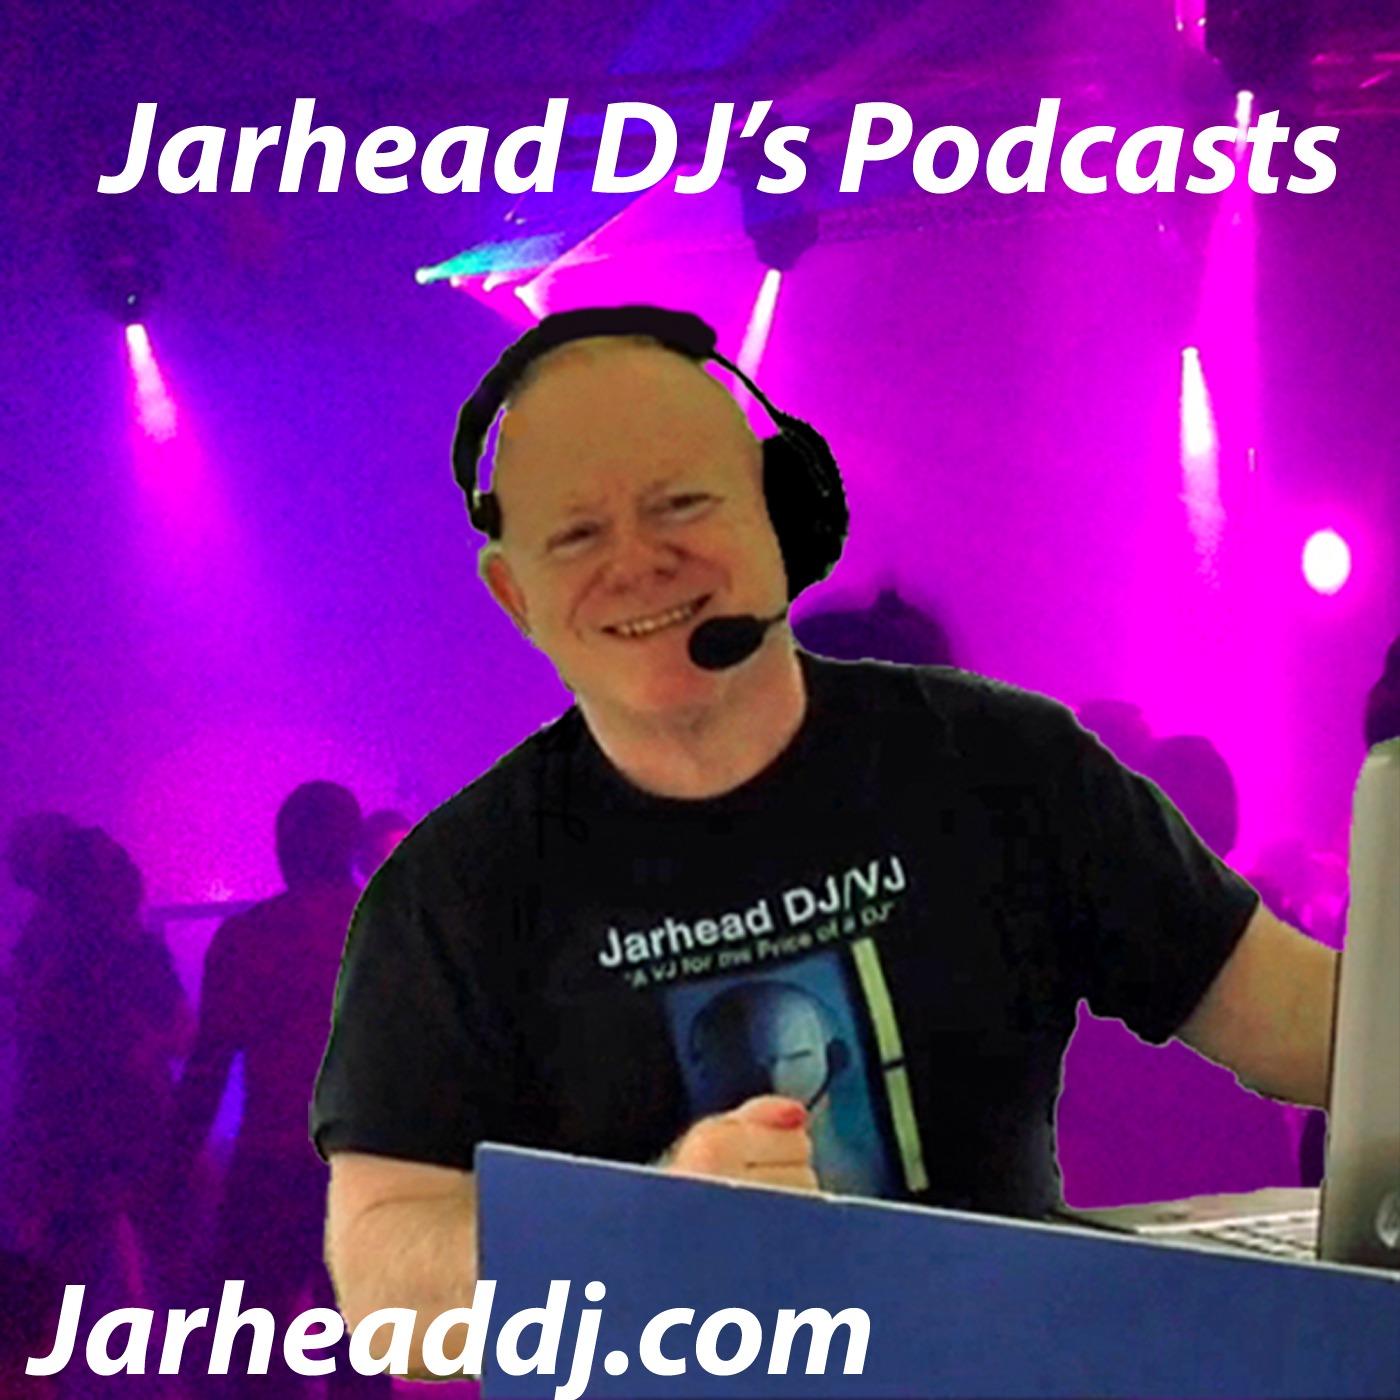 JarheadDJ's Podcast